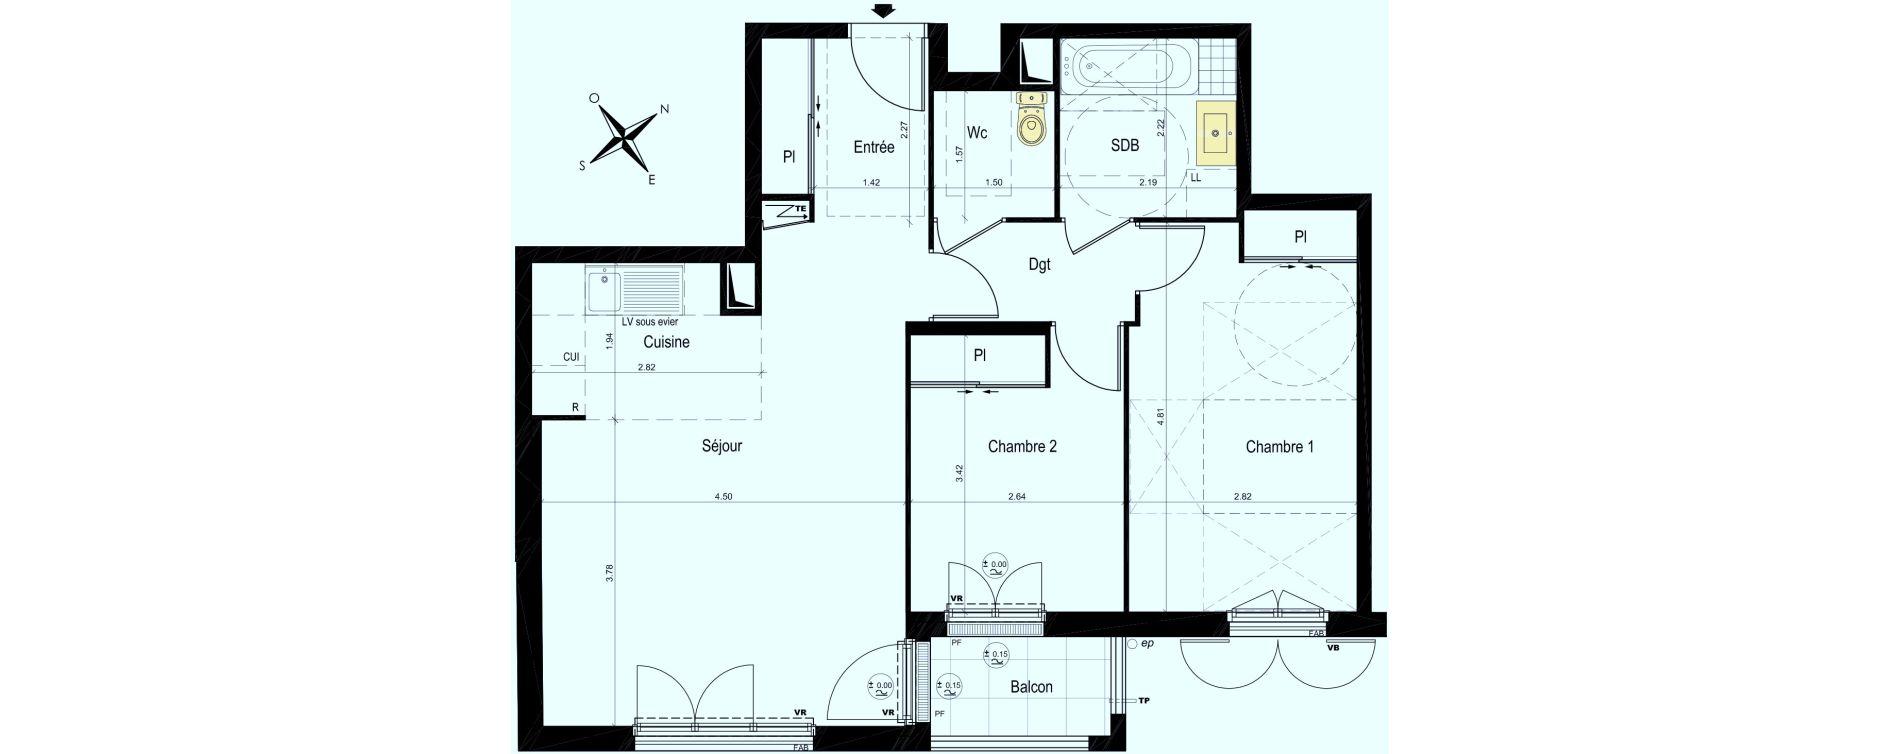 Appartement T3 de 64,26 m2 au Plessis-Bouchard Centre